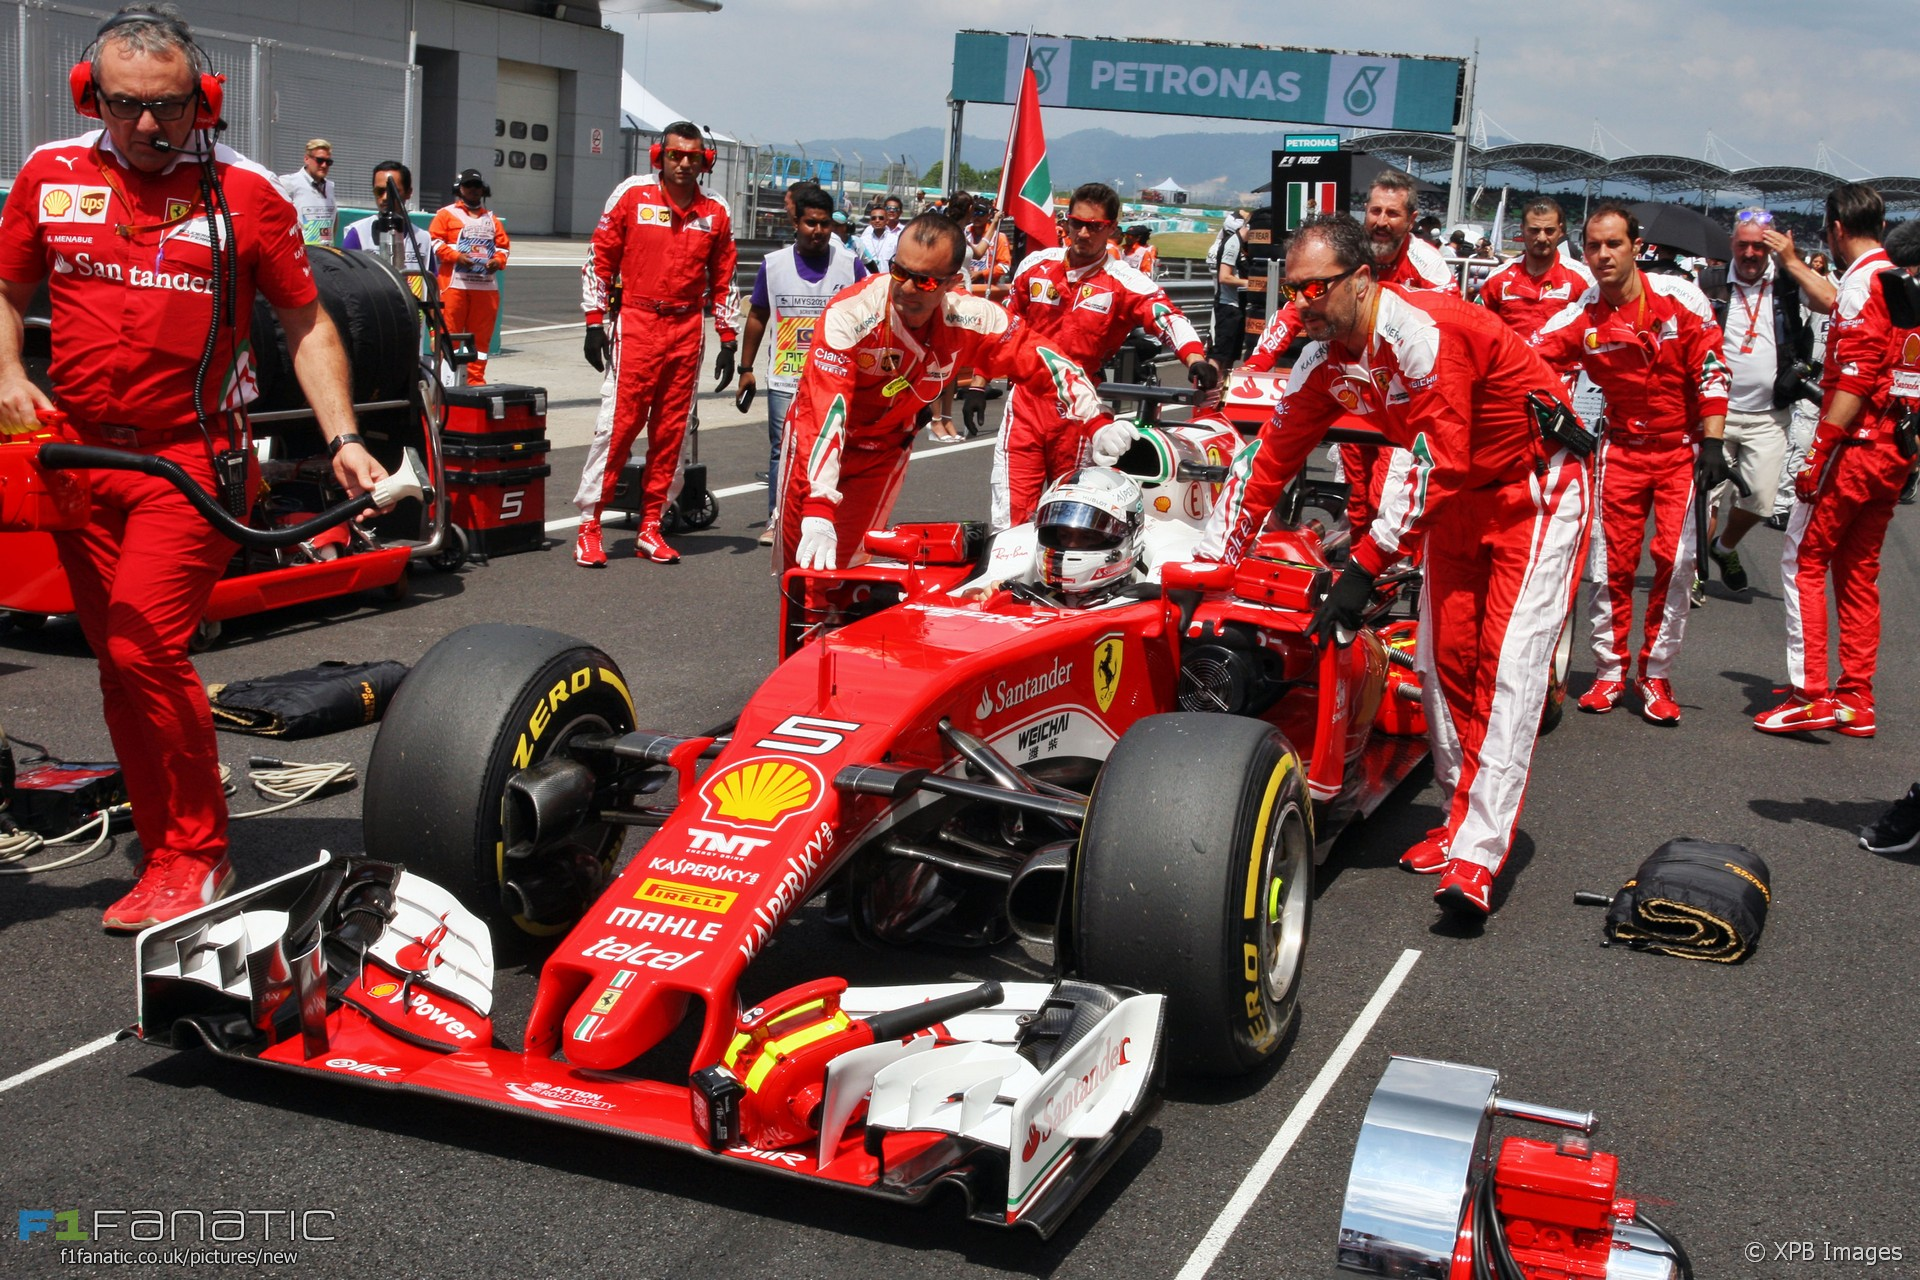 Sebastian Vettel, Ferrari, Sepang International Circuit, 2016